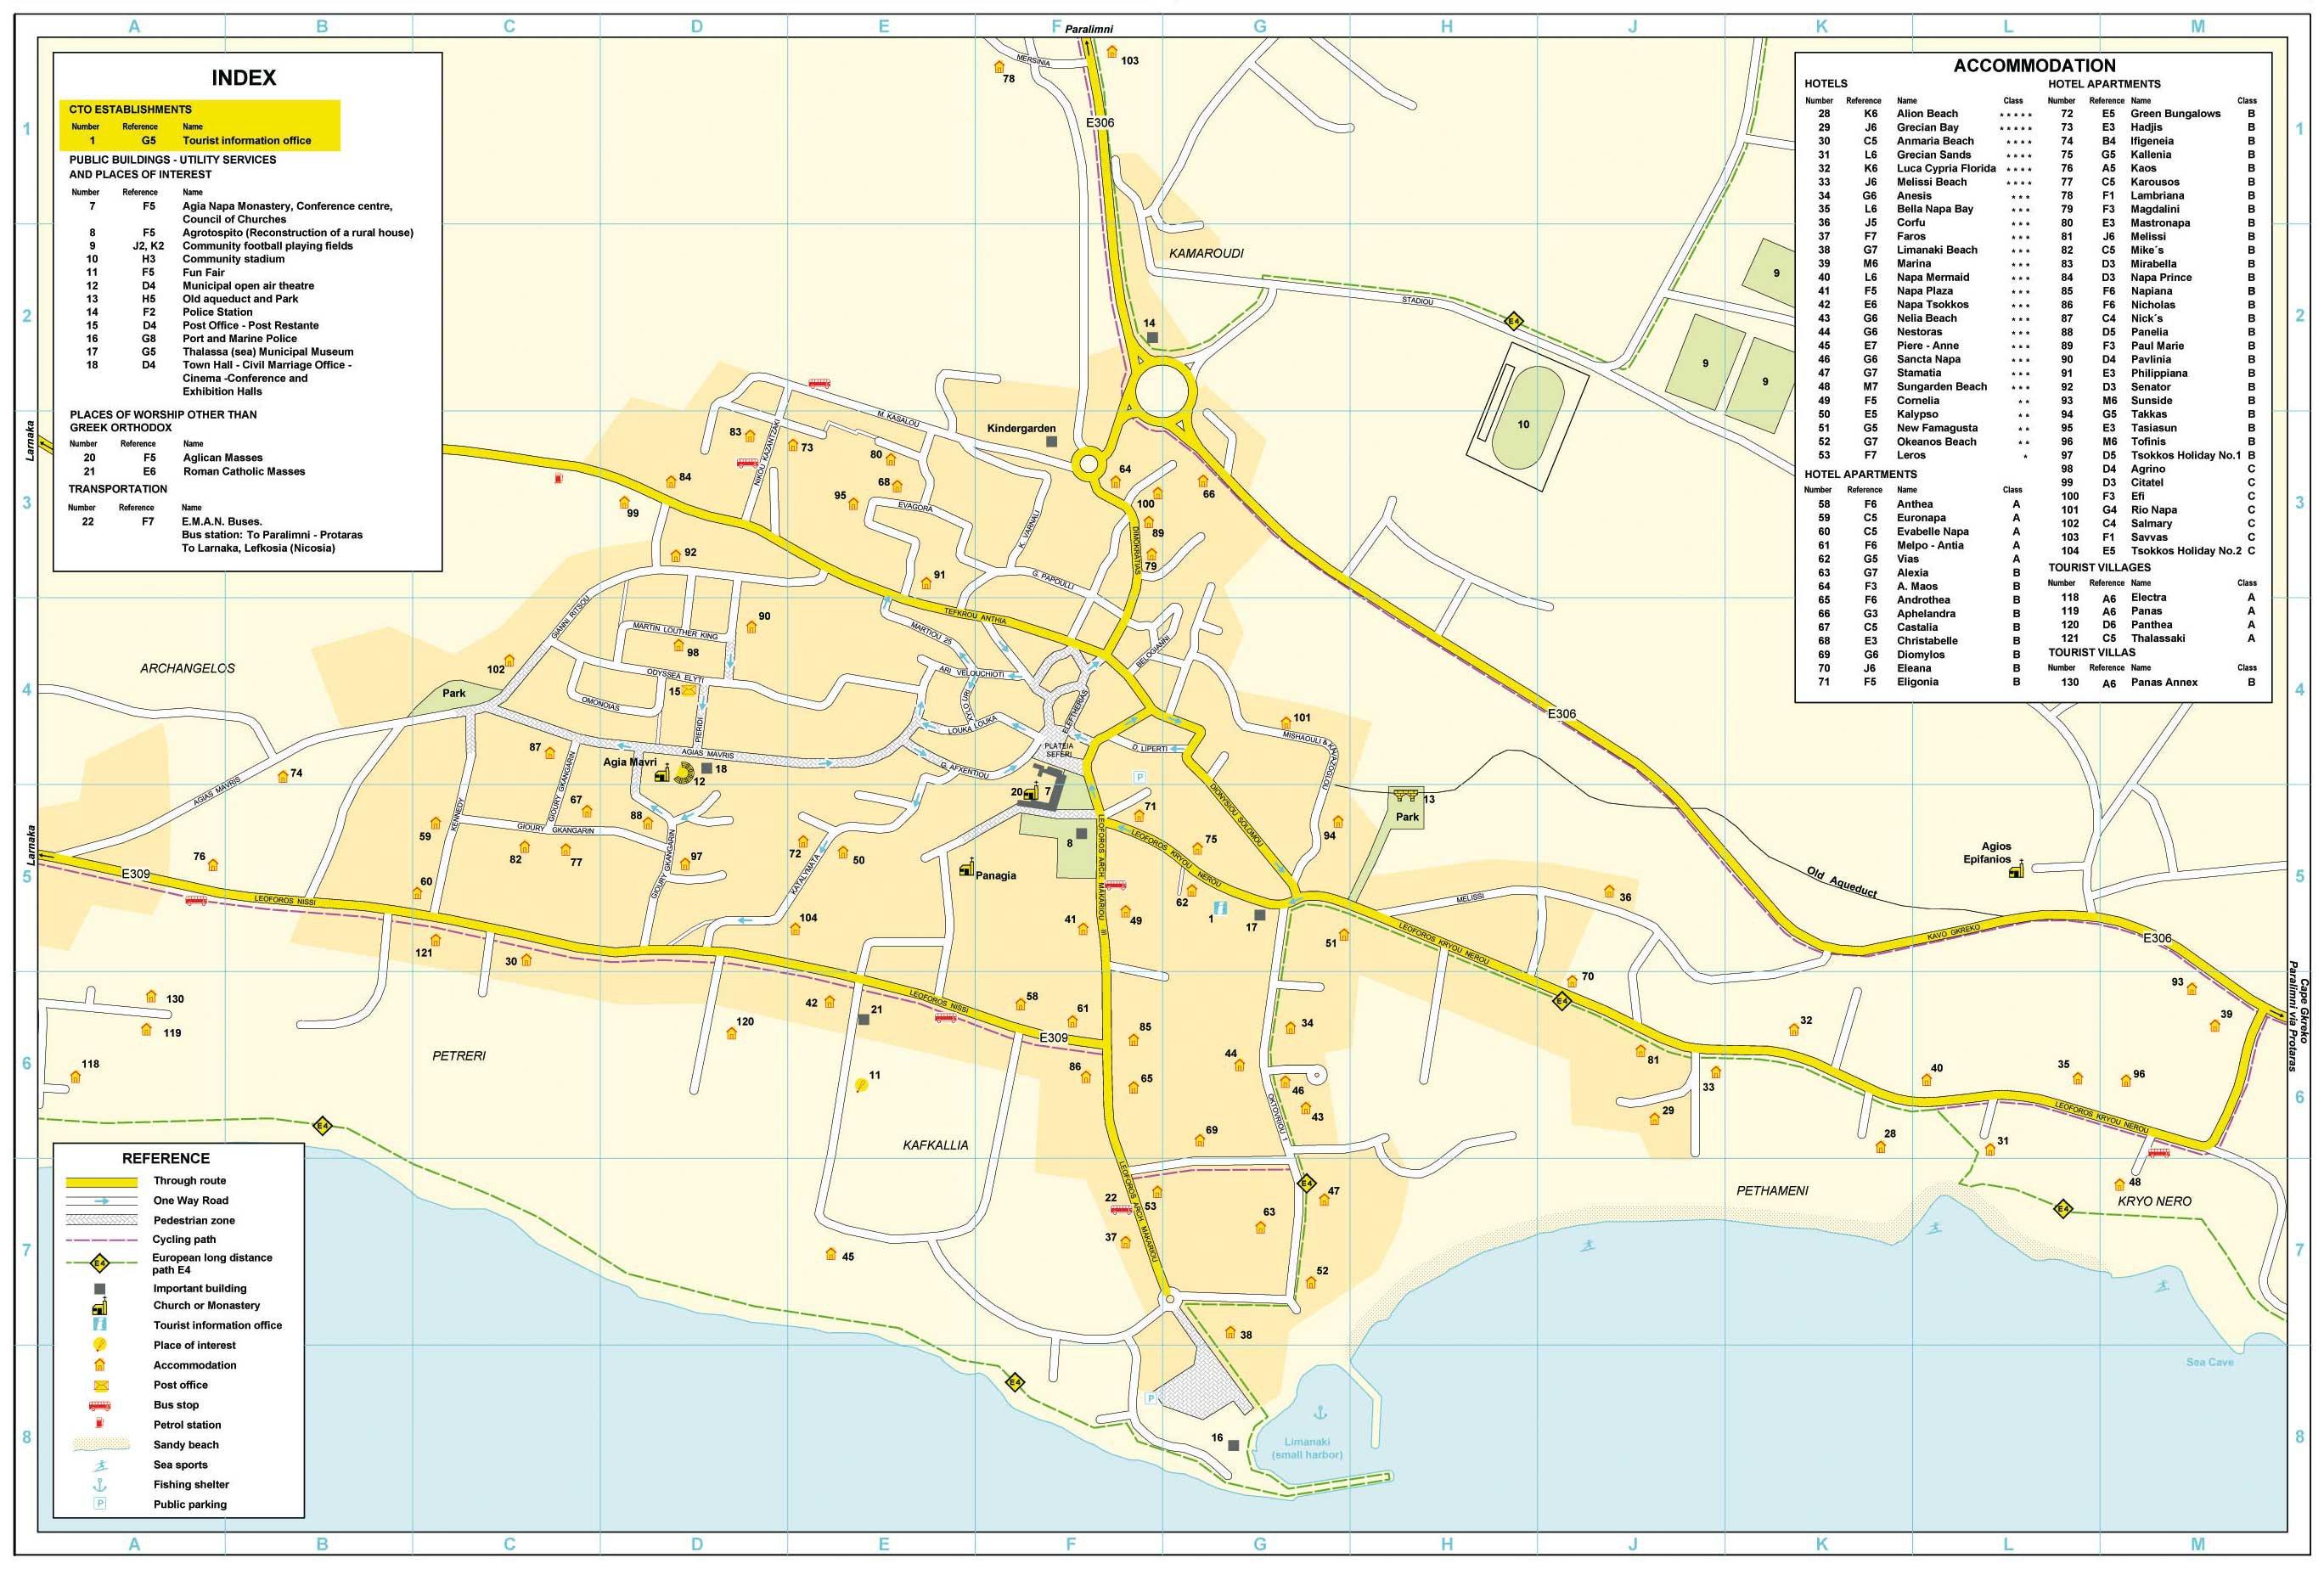 Карта Айя-Напы С Отелями.Rar